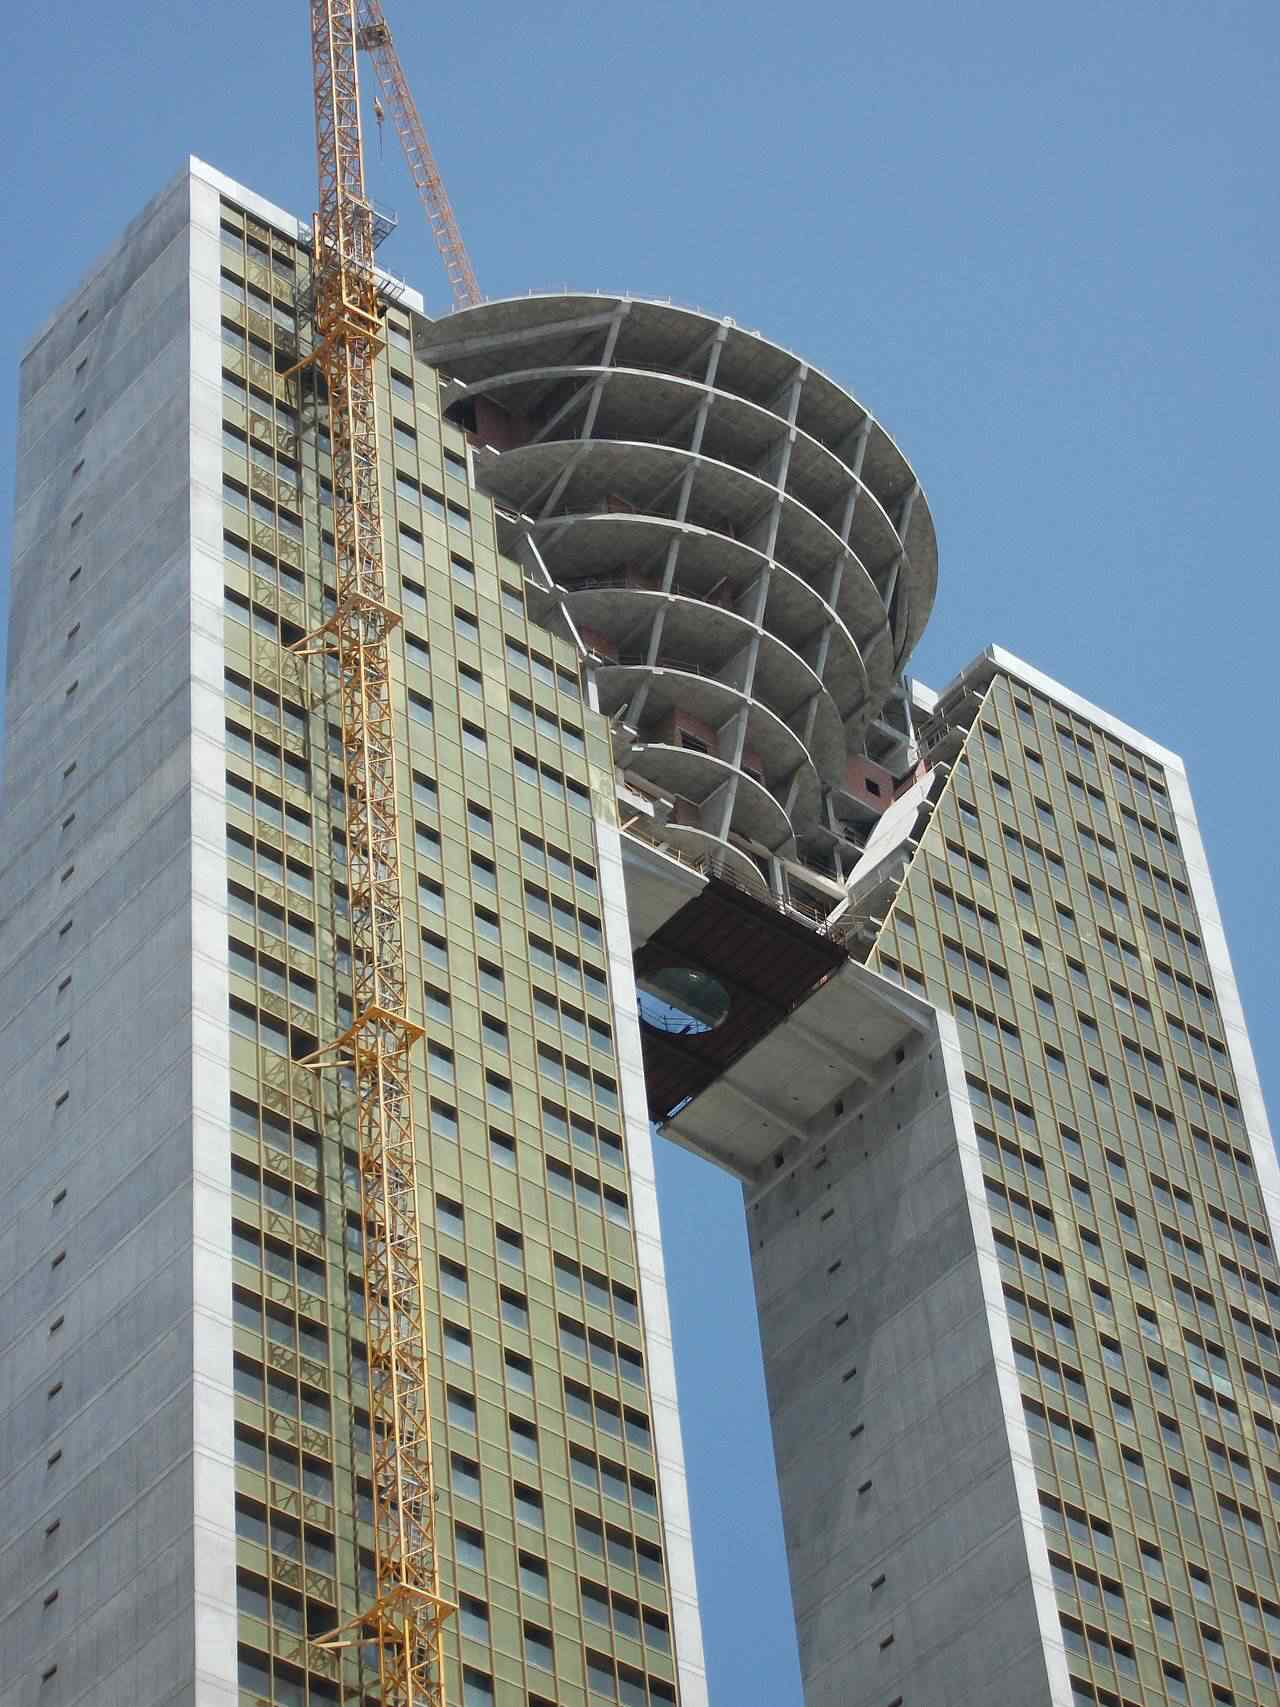 0 d4f2d 9f5724fa orig Fail? Espanhóis fazem prédio gigante e esquecem do elevador